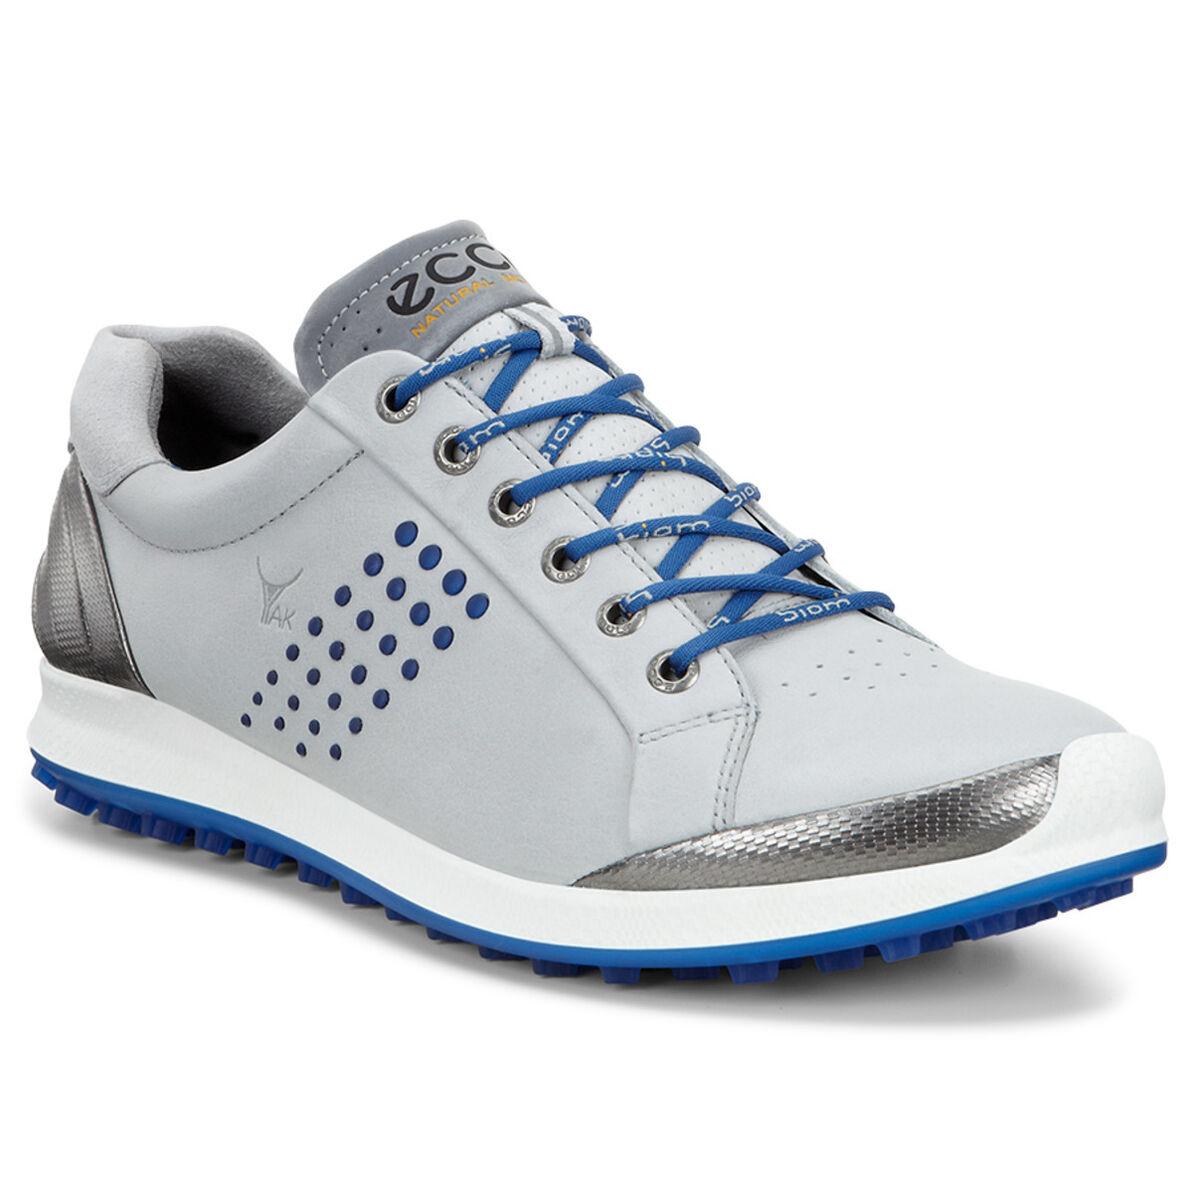 7bc7d8e0a4 ECCO BIOM Hybrid 2 Men's Golf Shoe - Grey/Blue | PGA TOUR Superstore